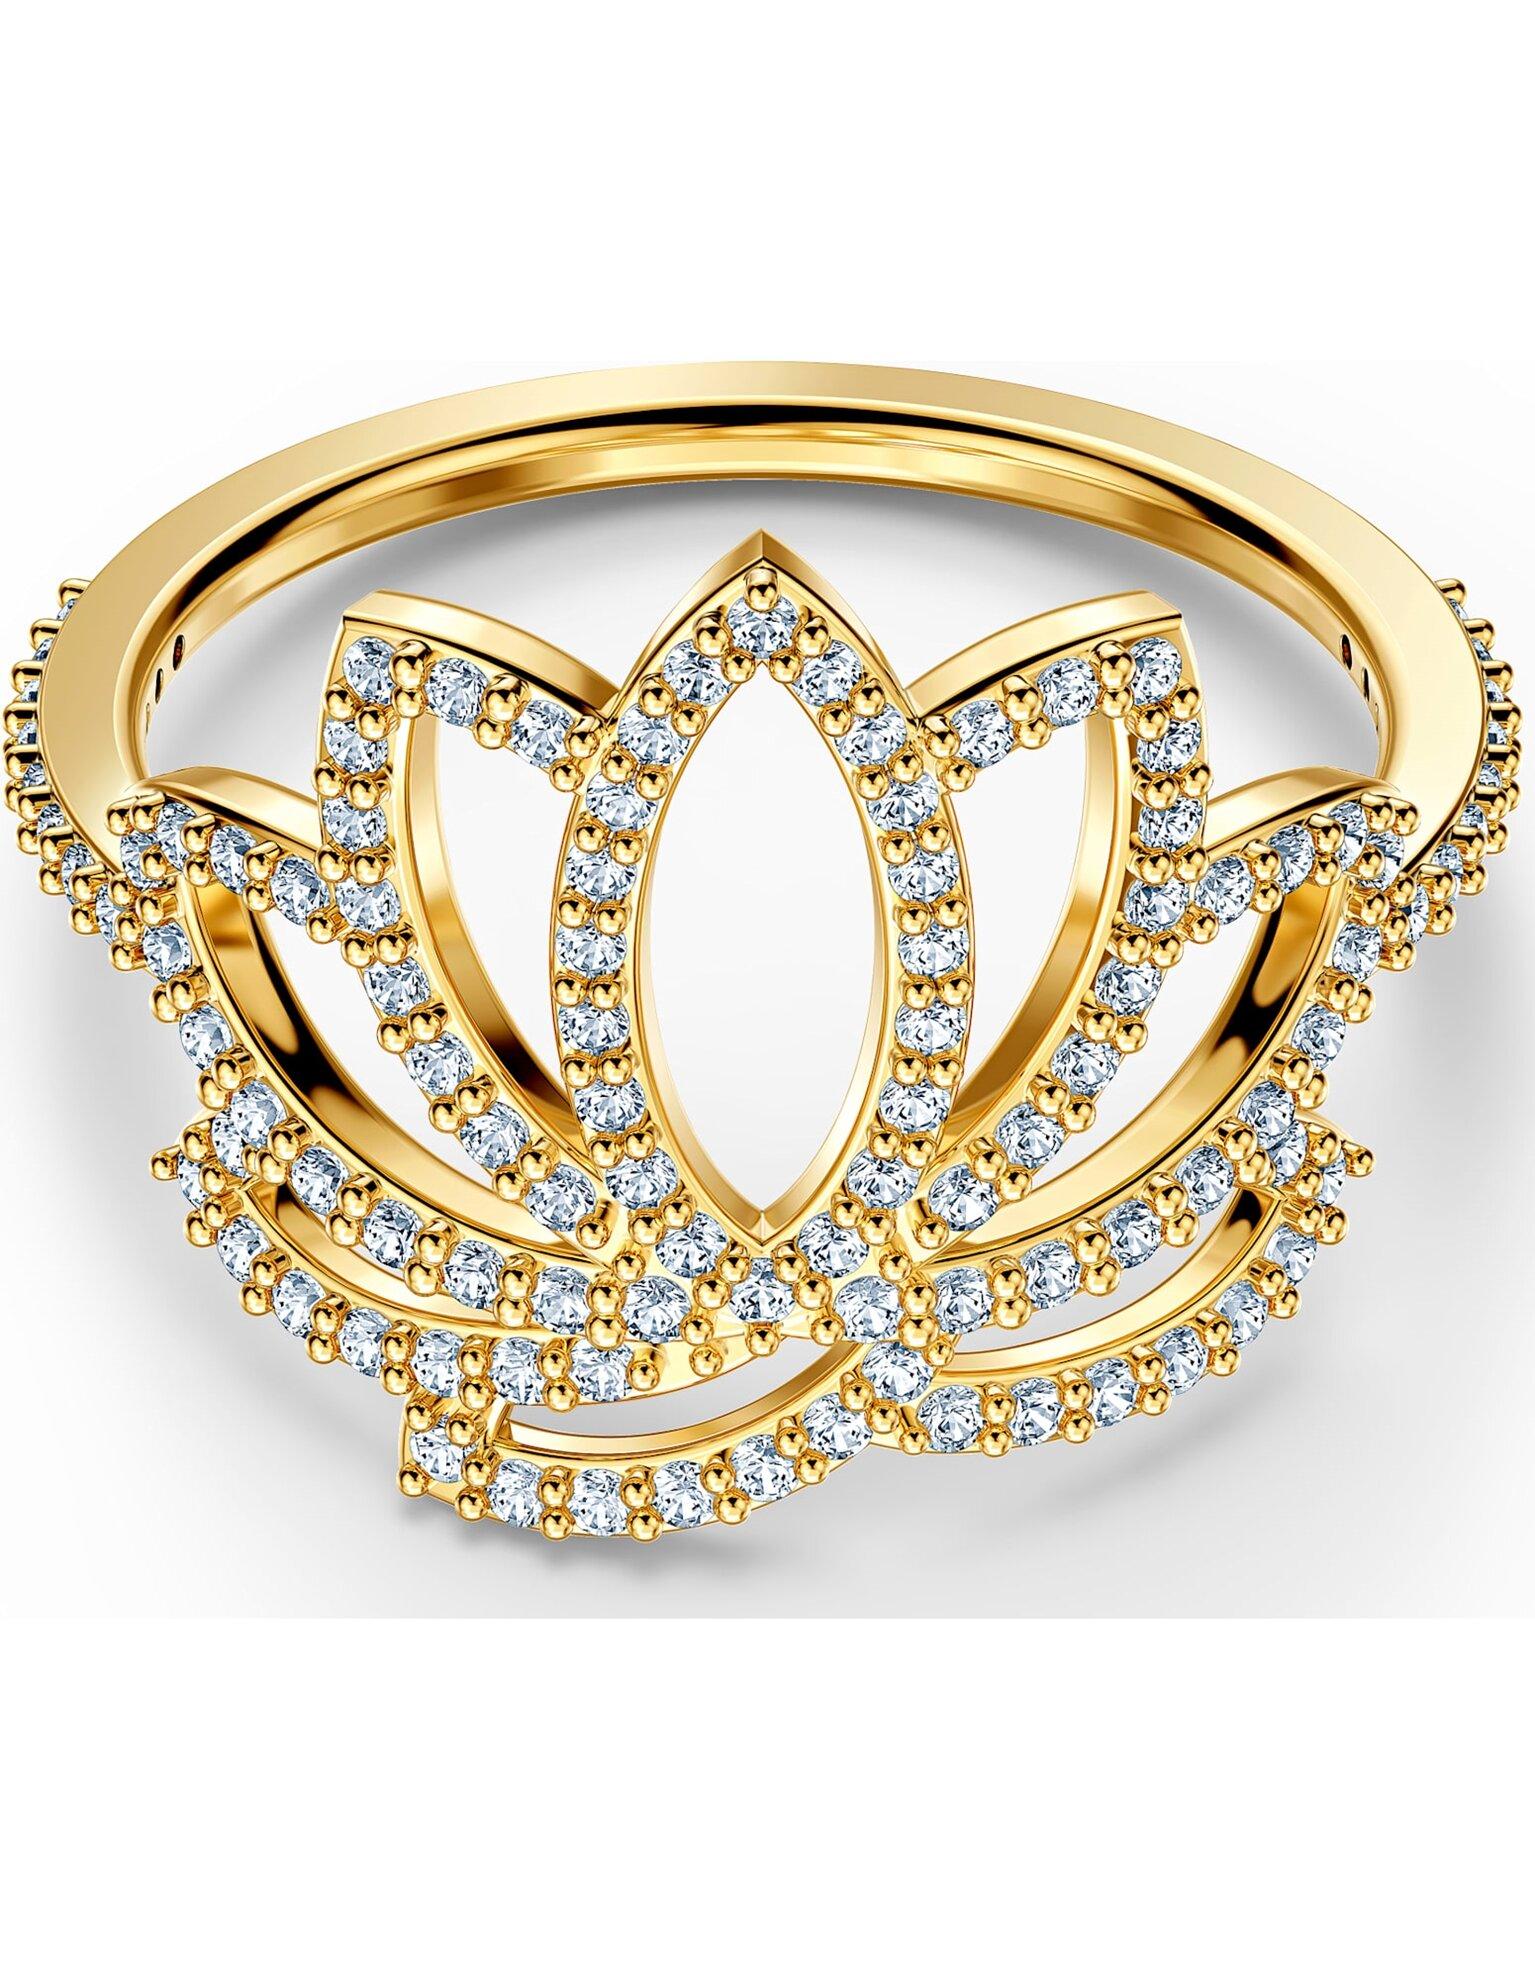 Picture of Swarovski Symbolic Lotus Yüzük, Beyaz, Altın rengi kaplama